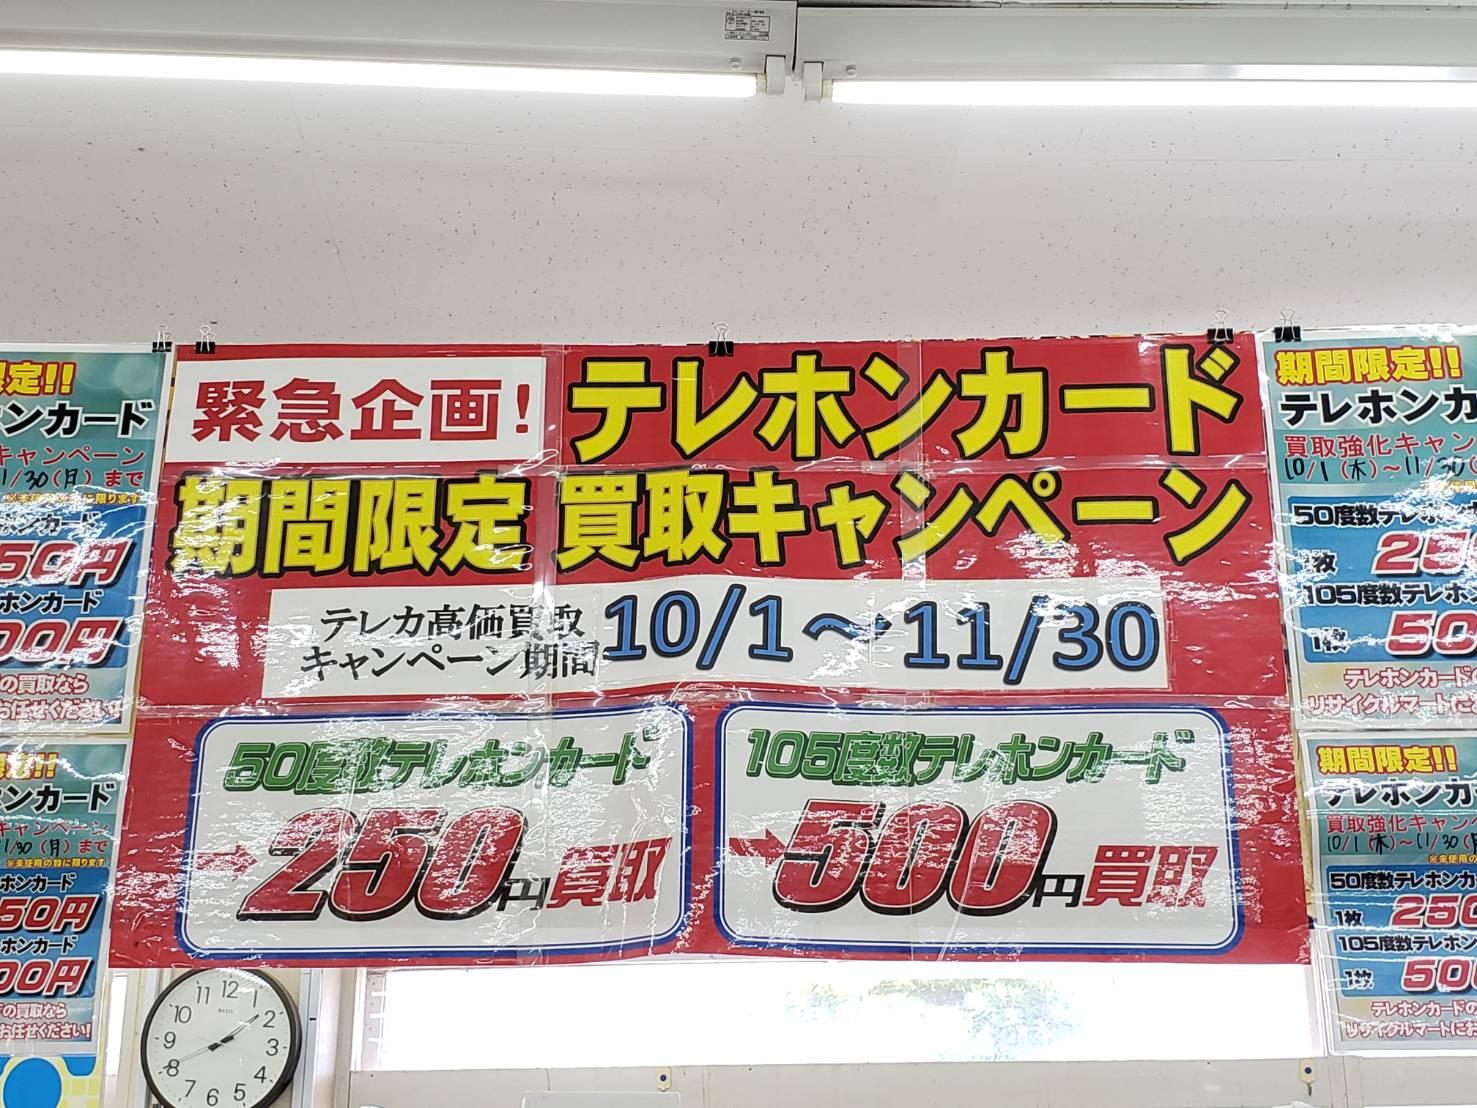 期間限定! ★テレホンカード★ 買取UPキャンペーン開催中!!